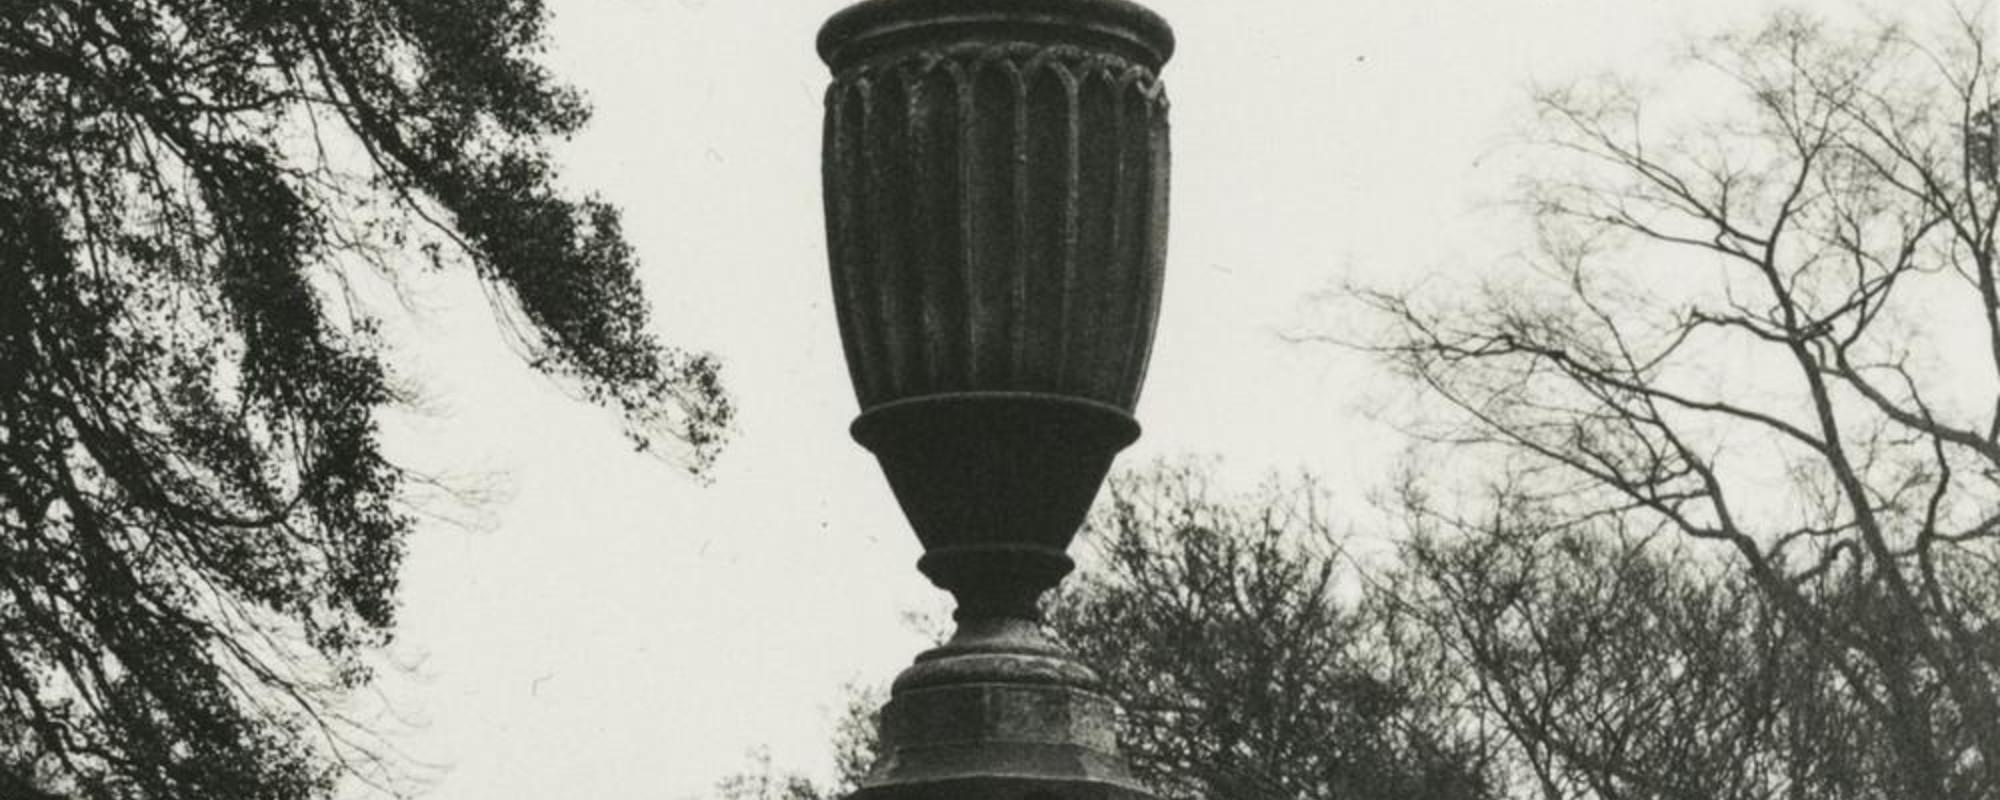 Bellas y tenebrosas fotografías de cementerios antiguos